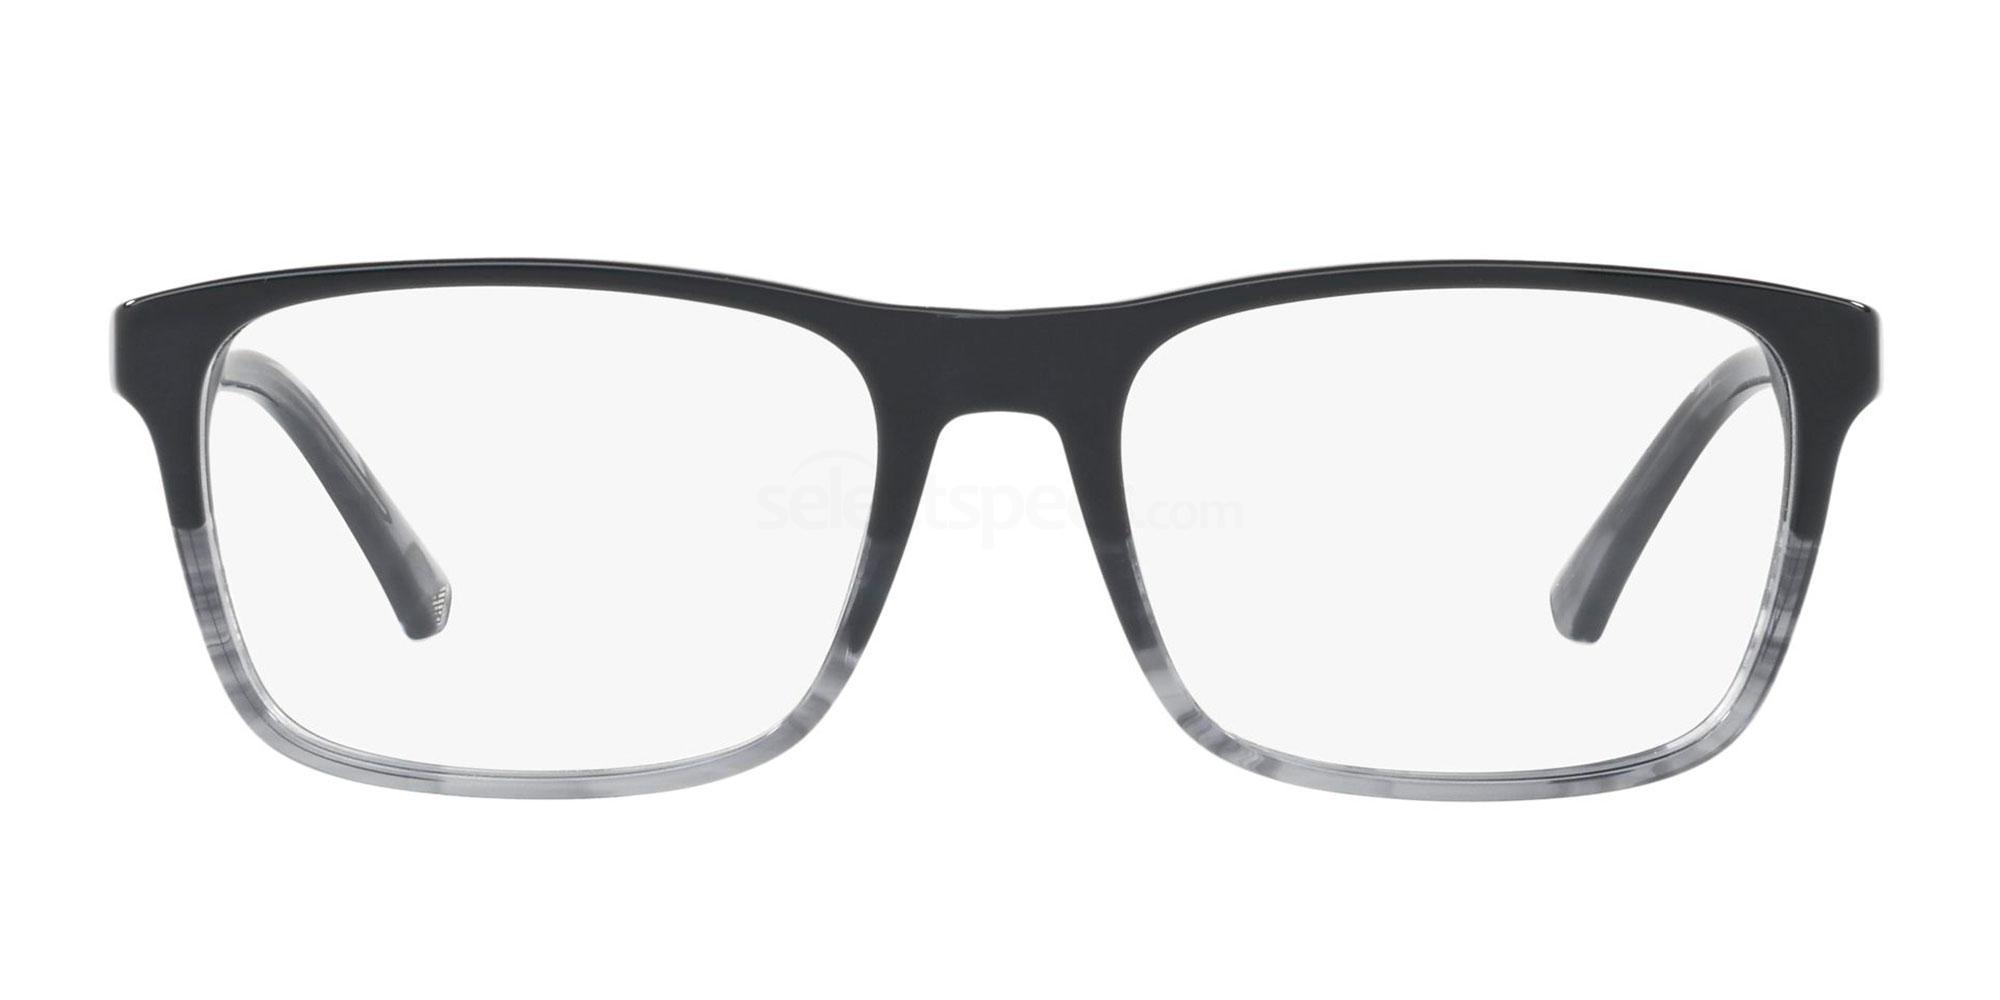 5566 EA3120 Glasses, Emporio Armani